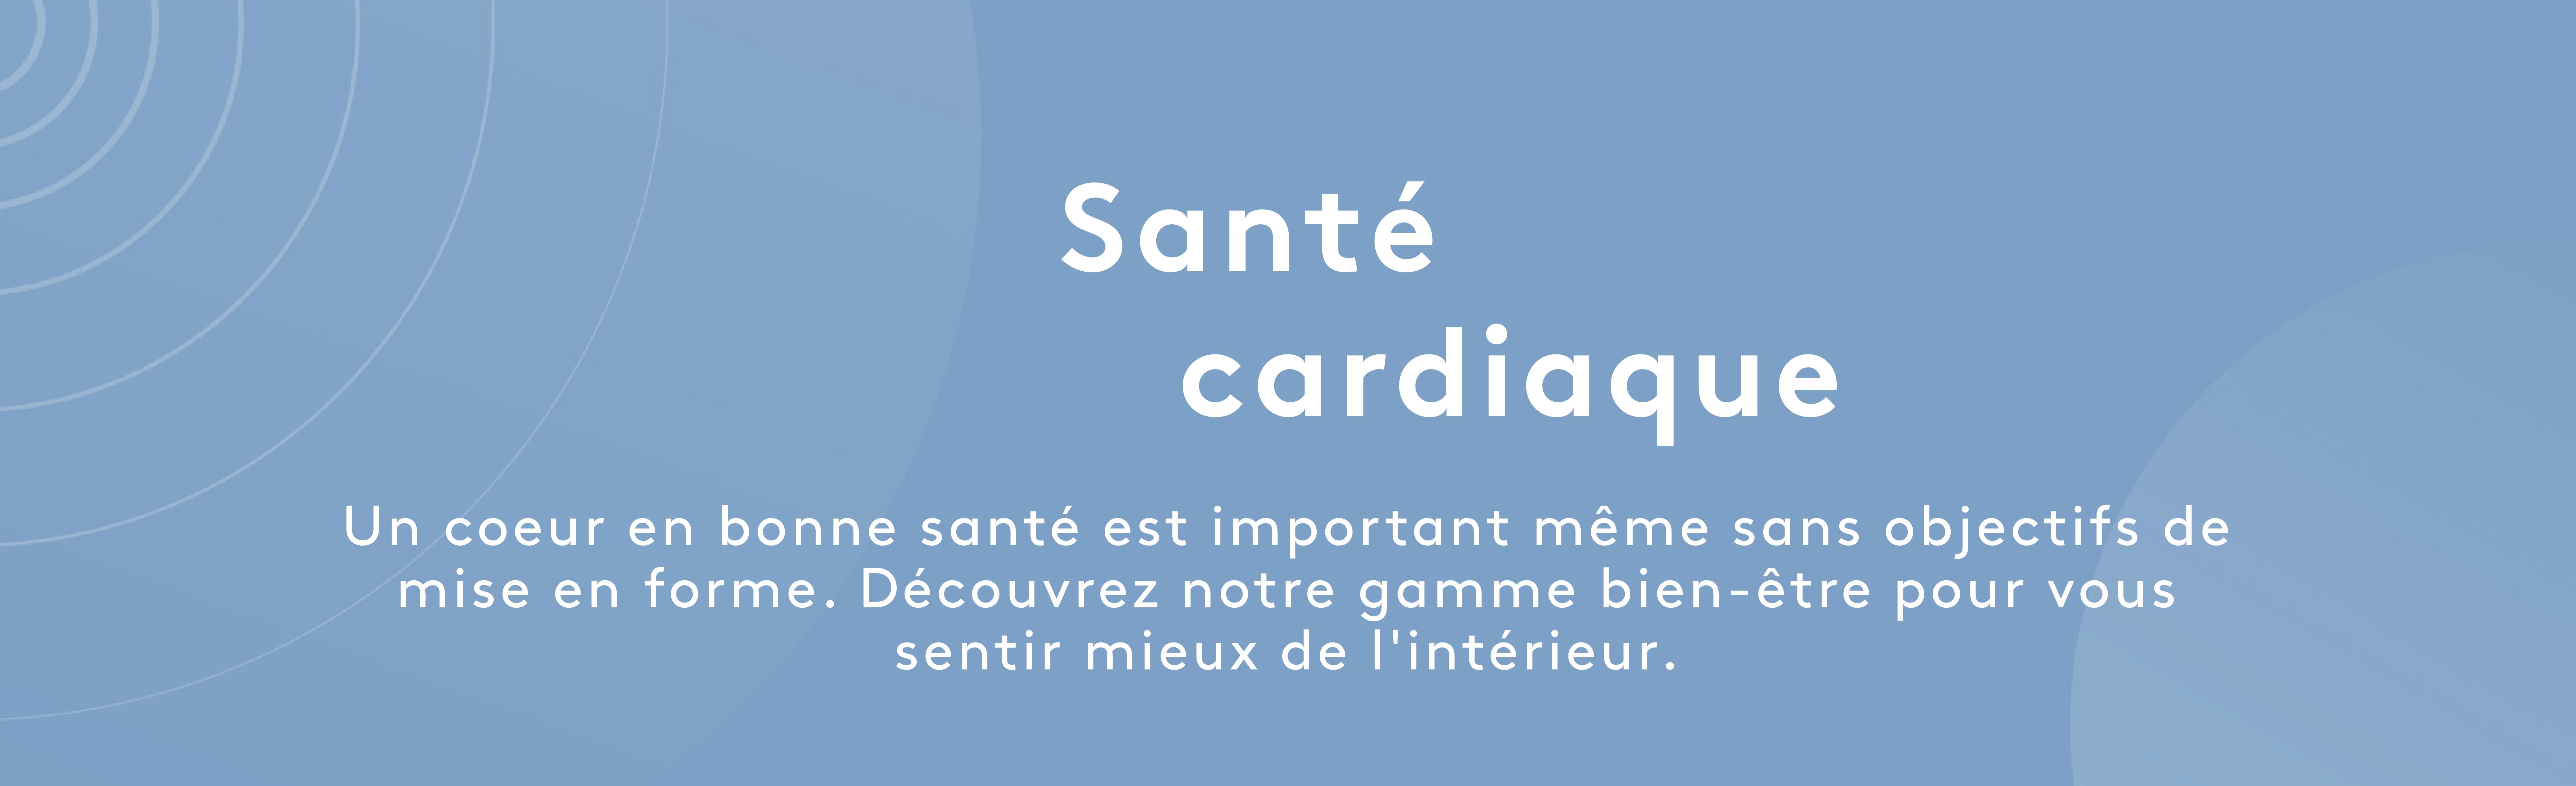 sante cardiaque | Myvitamins